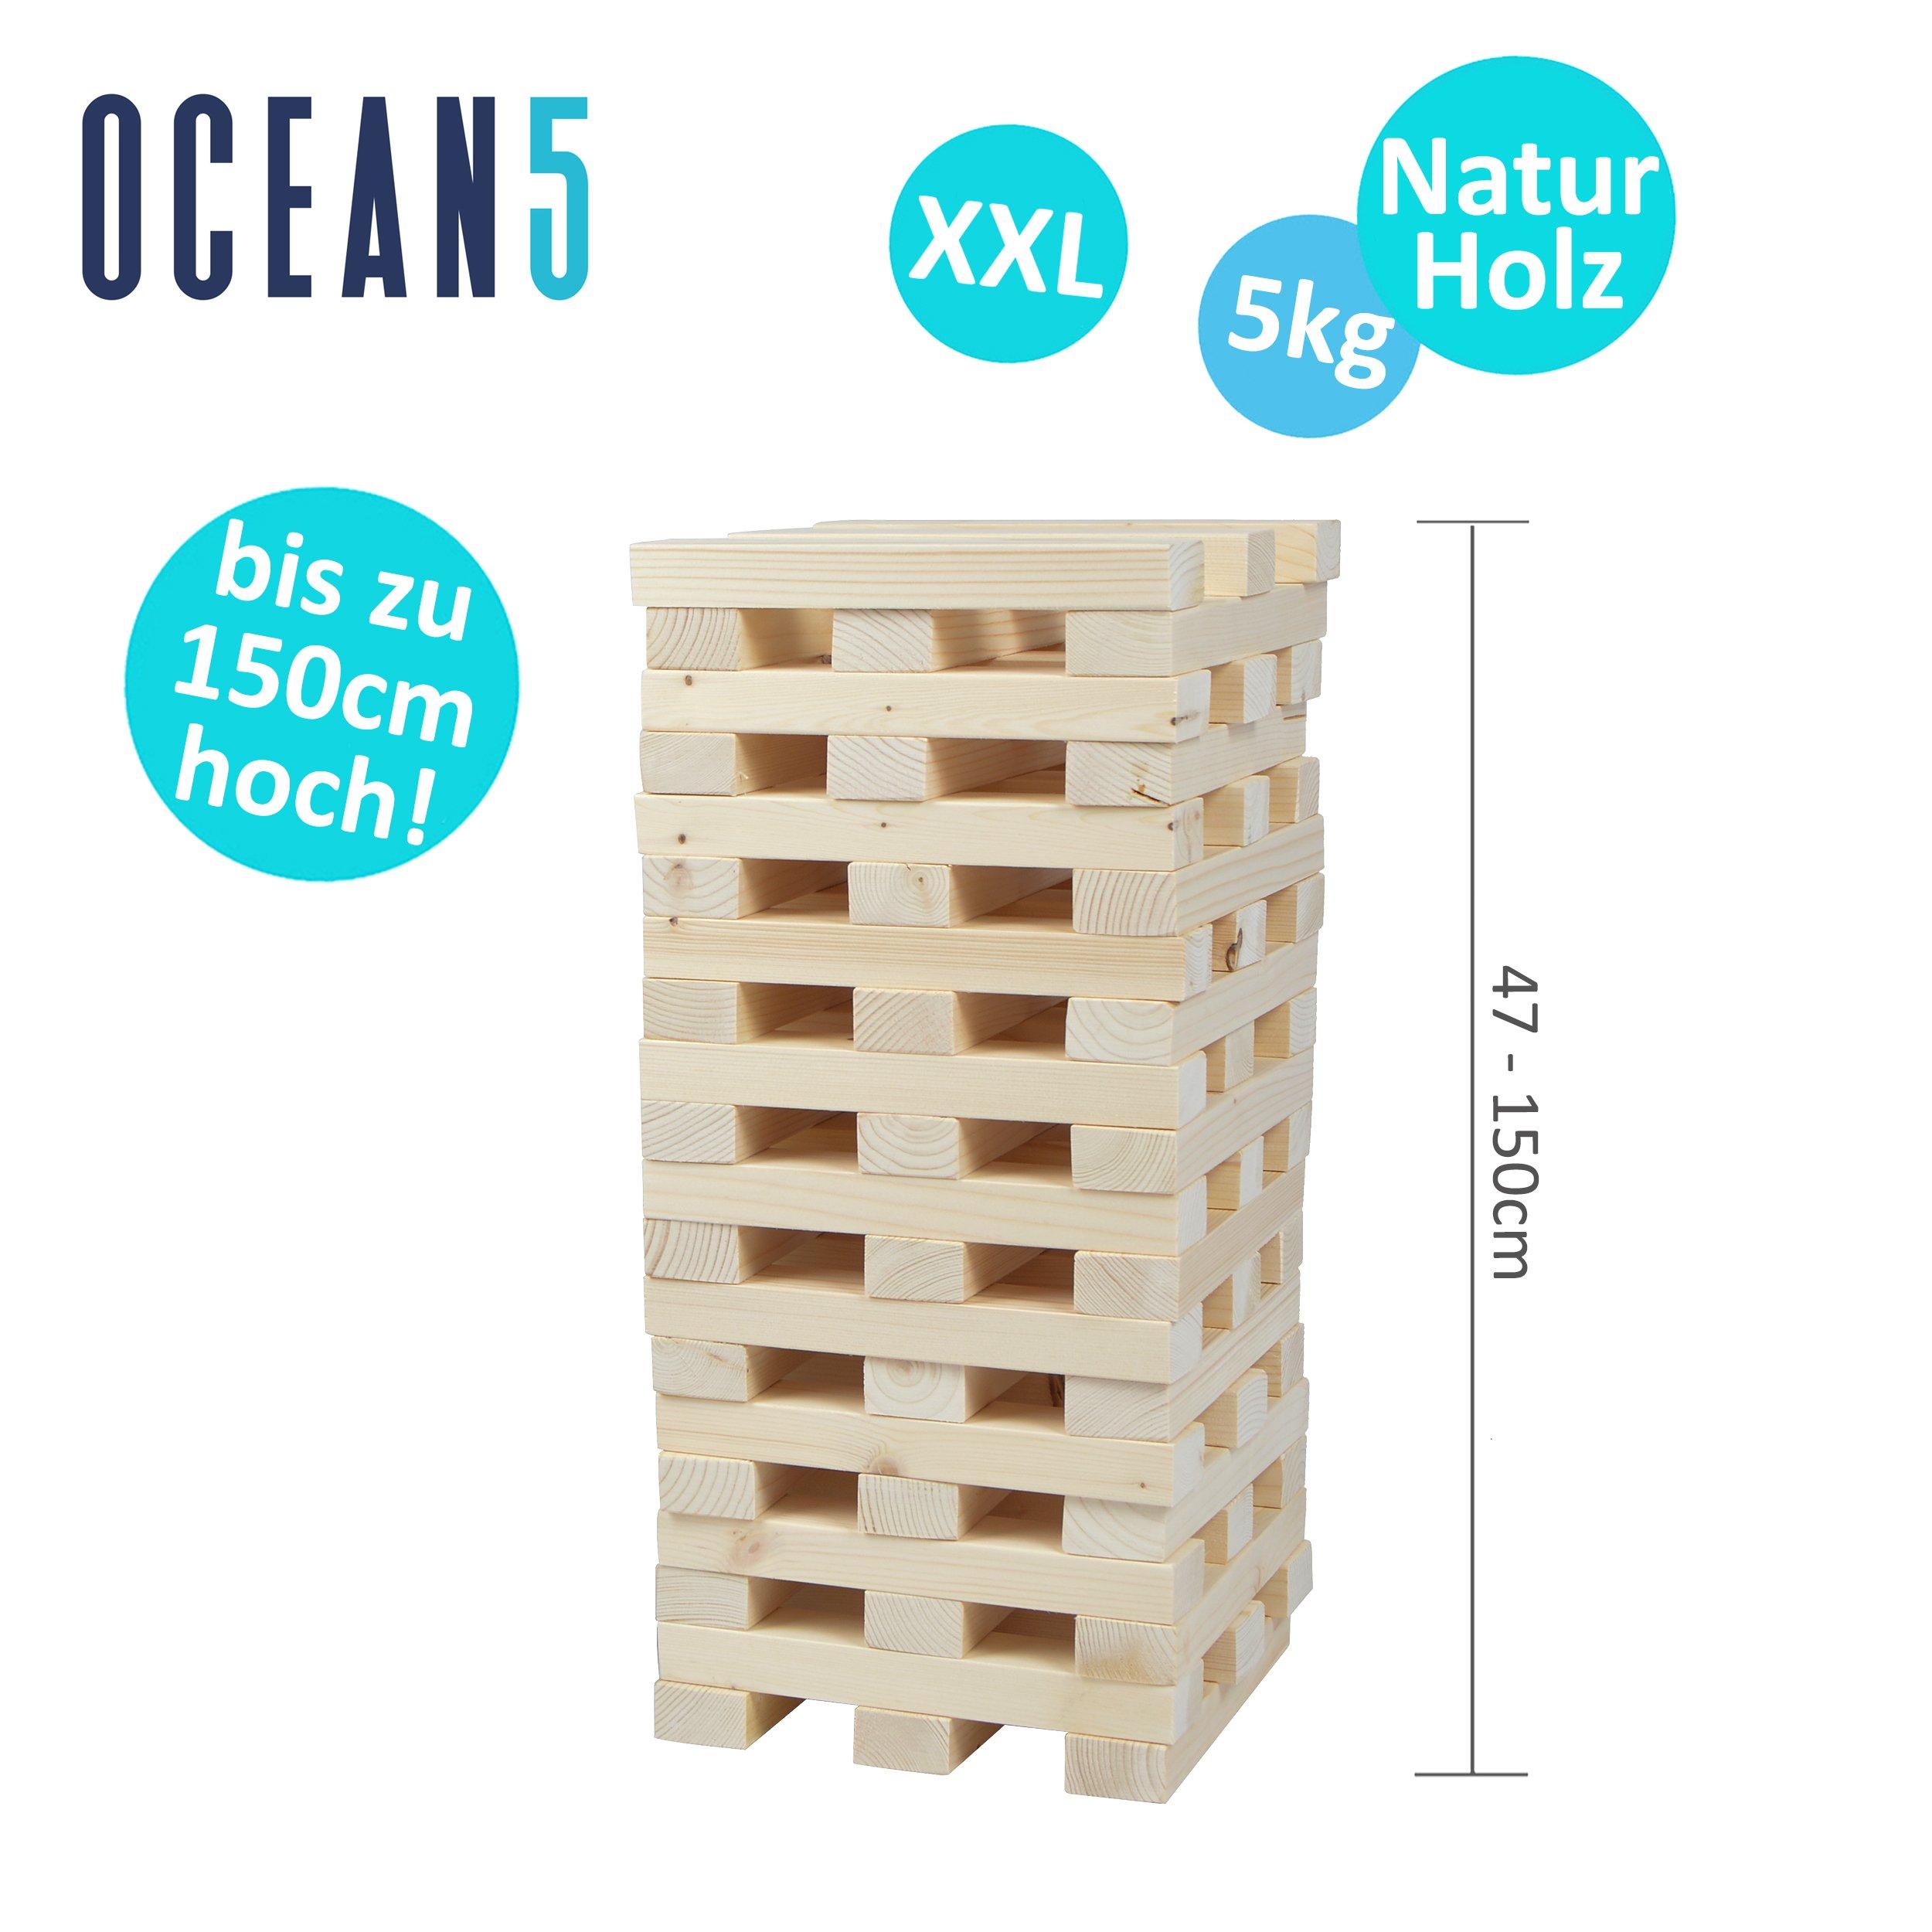 Torre apilable XXL de la Marca Ocean5 de Madera Natural, Juego de Torre Gigante, 60 Piezas (21x4x2,5cm), Construir hasta 1,5 m de Altura con el Juego de Habilidad de Pila: Amazon.es: Juguetes